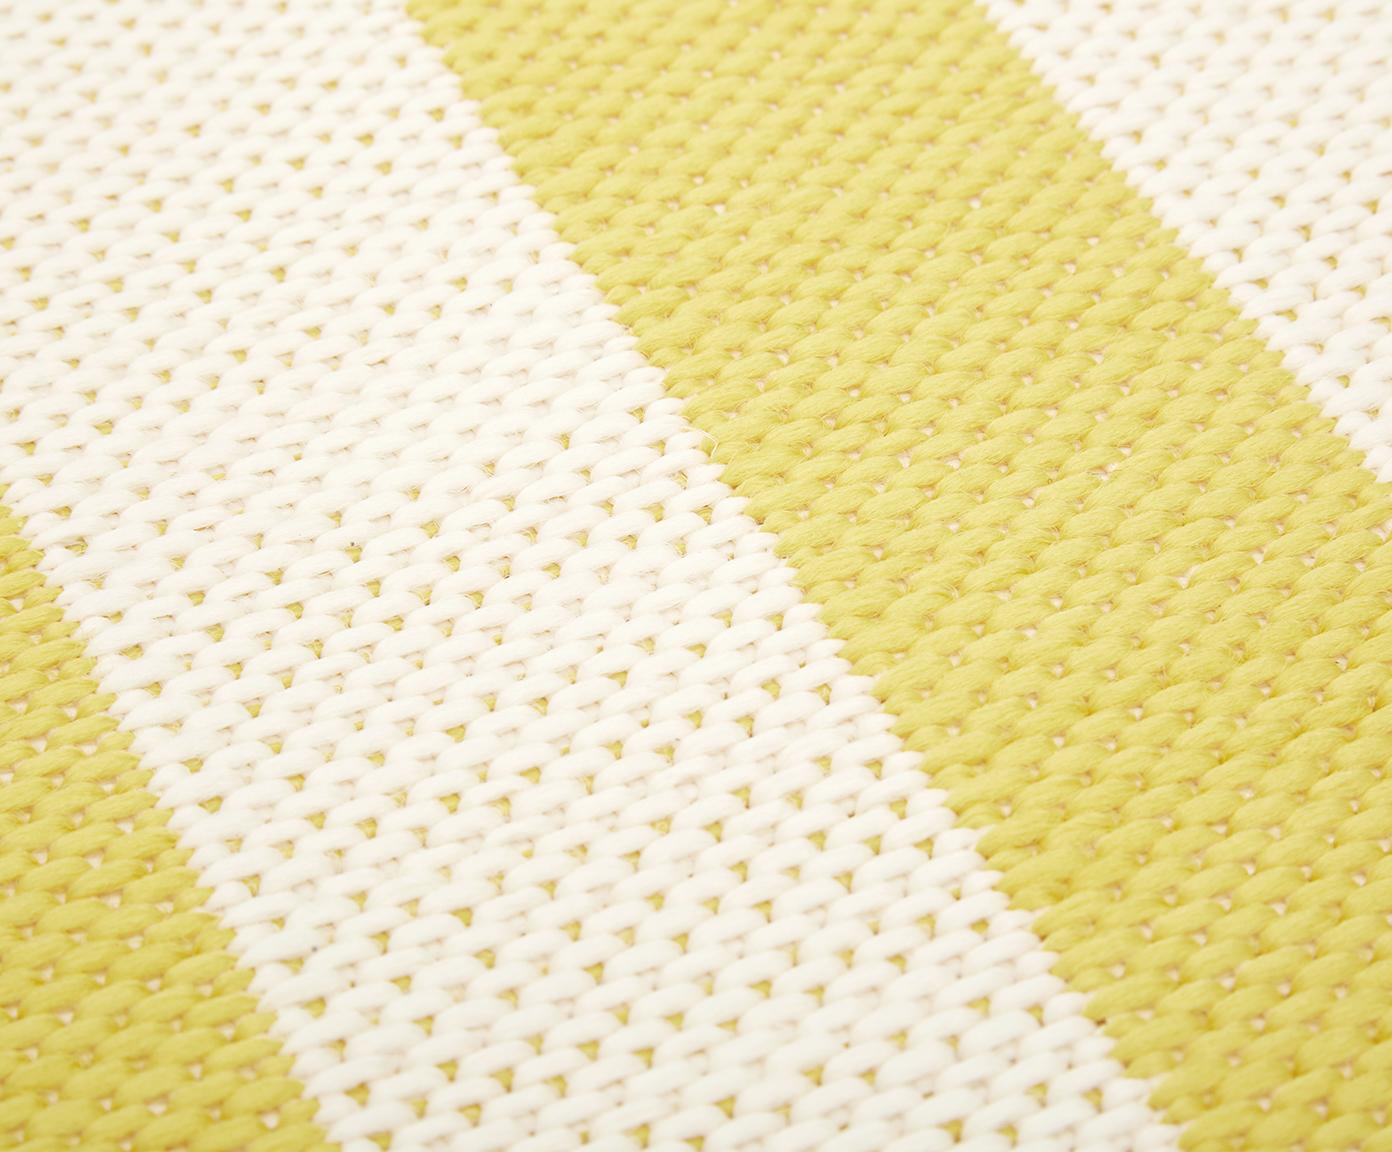 Tappeto da interno-esterno a righe Axa, Retro: poliestere, Bianco crema, giallo, Larg. 200 x Lung. 290 cm (taglia L)